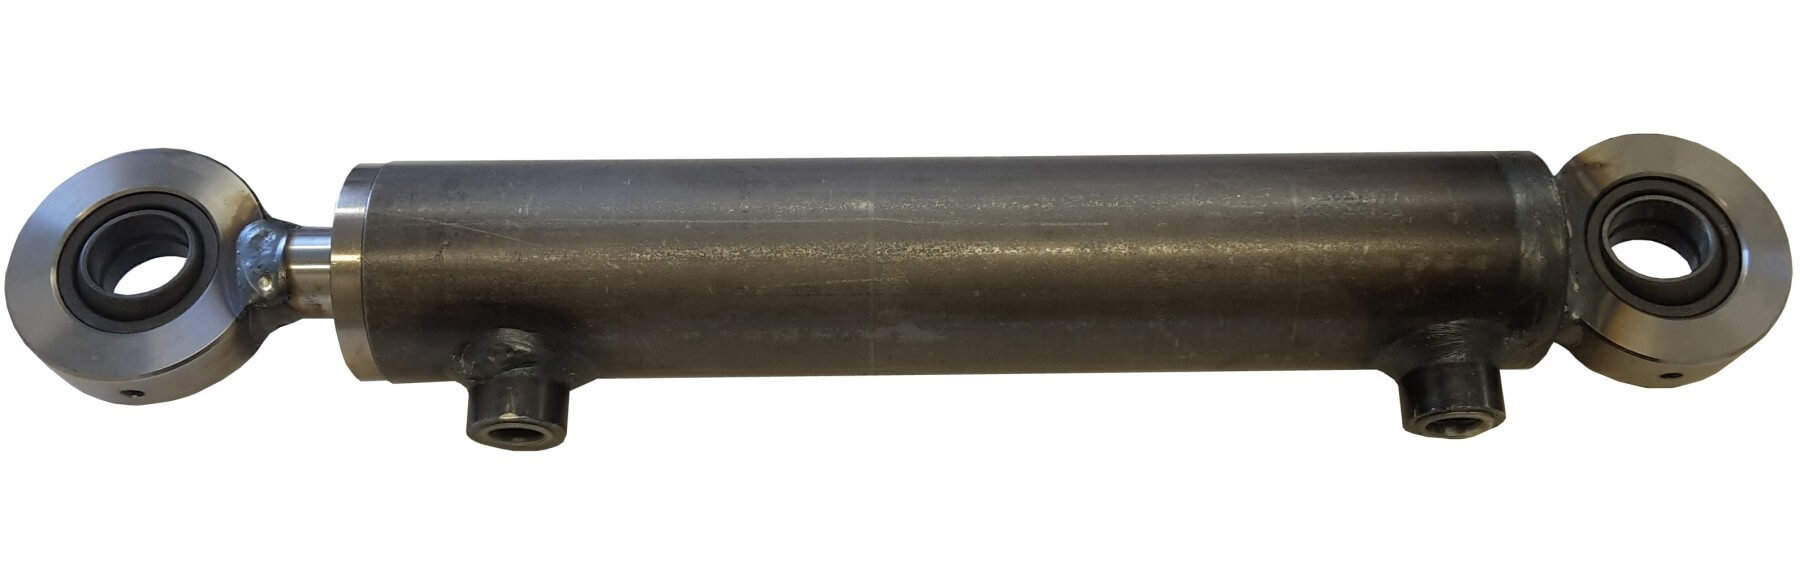 Hydraulisylinteri CL 50. 25. 800 GE - Kailatec Oy Verkkokauppa